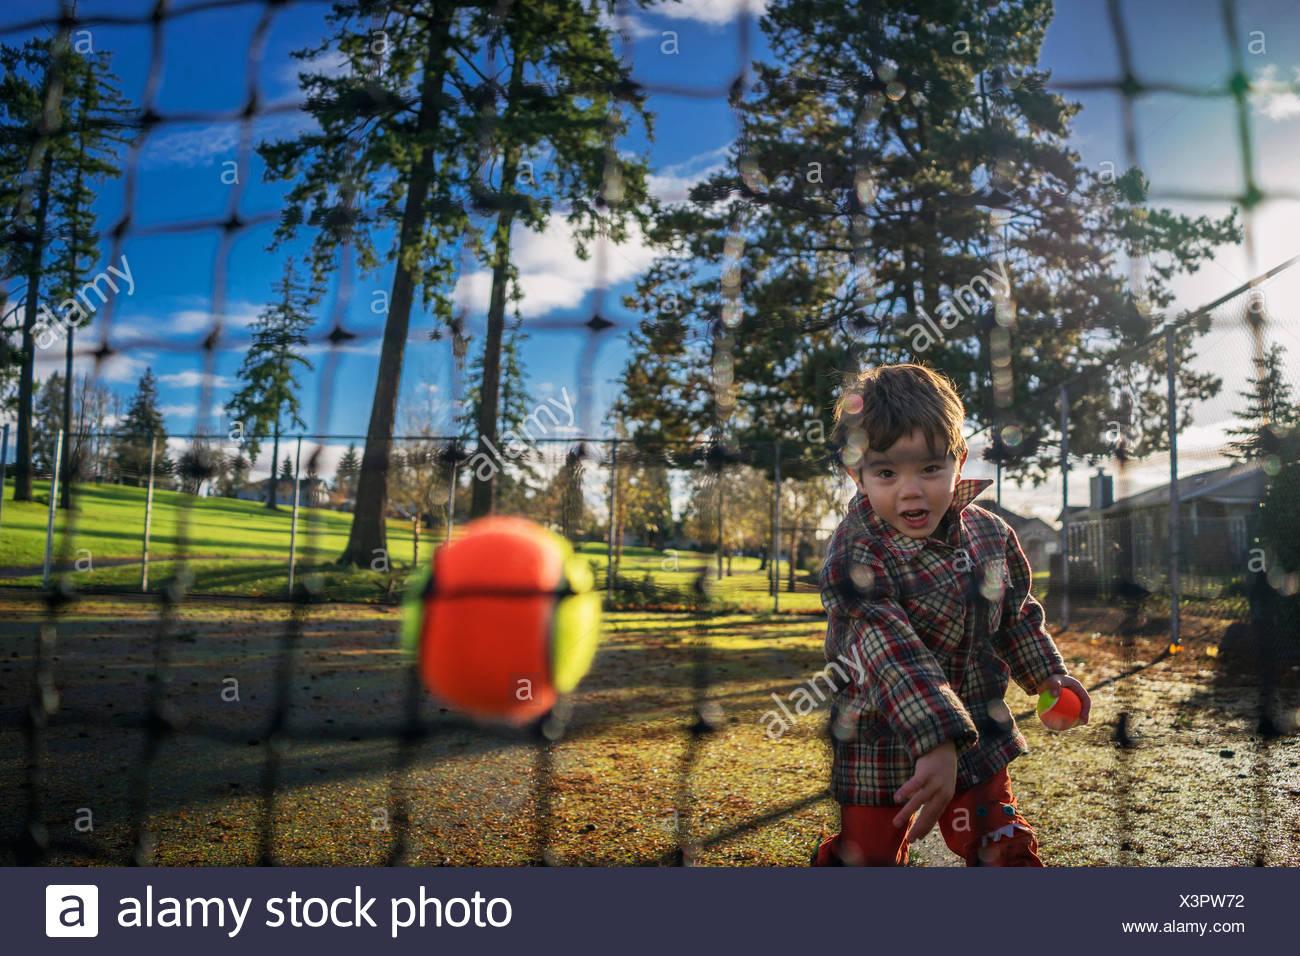 Jeune garçon en train de lancer une balle de tennis à un filet Photo Stock